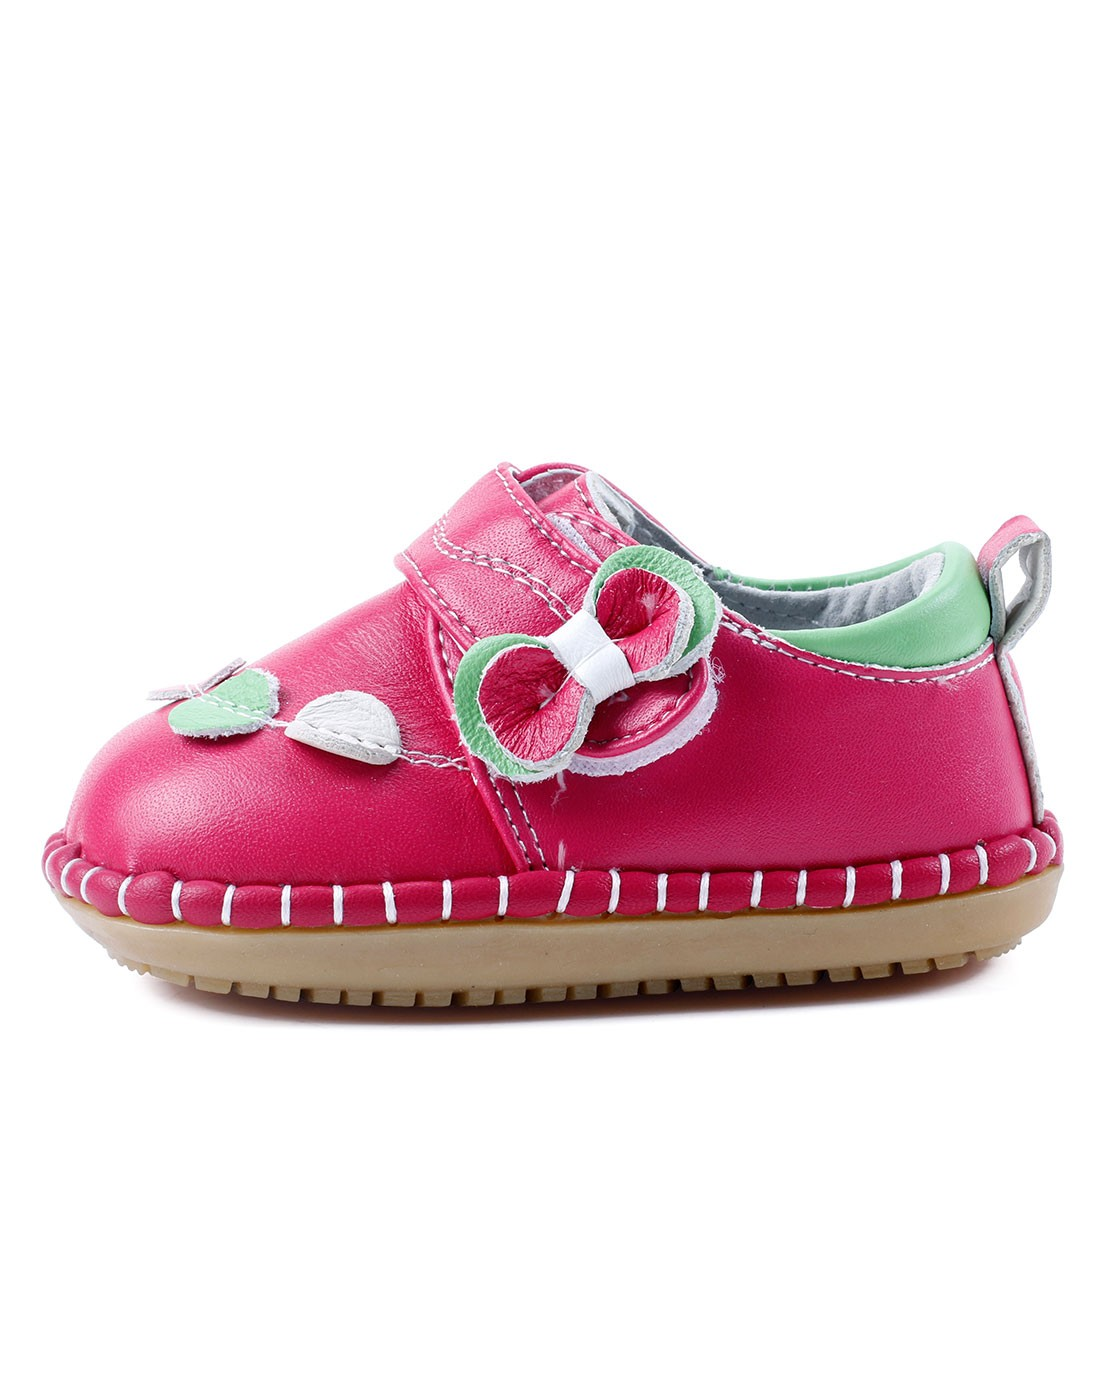 鞋 鞋子 1100_1390 竖版 竖屏